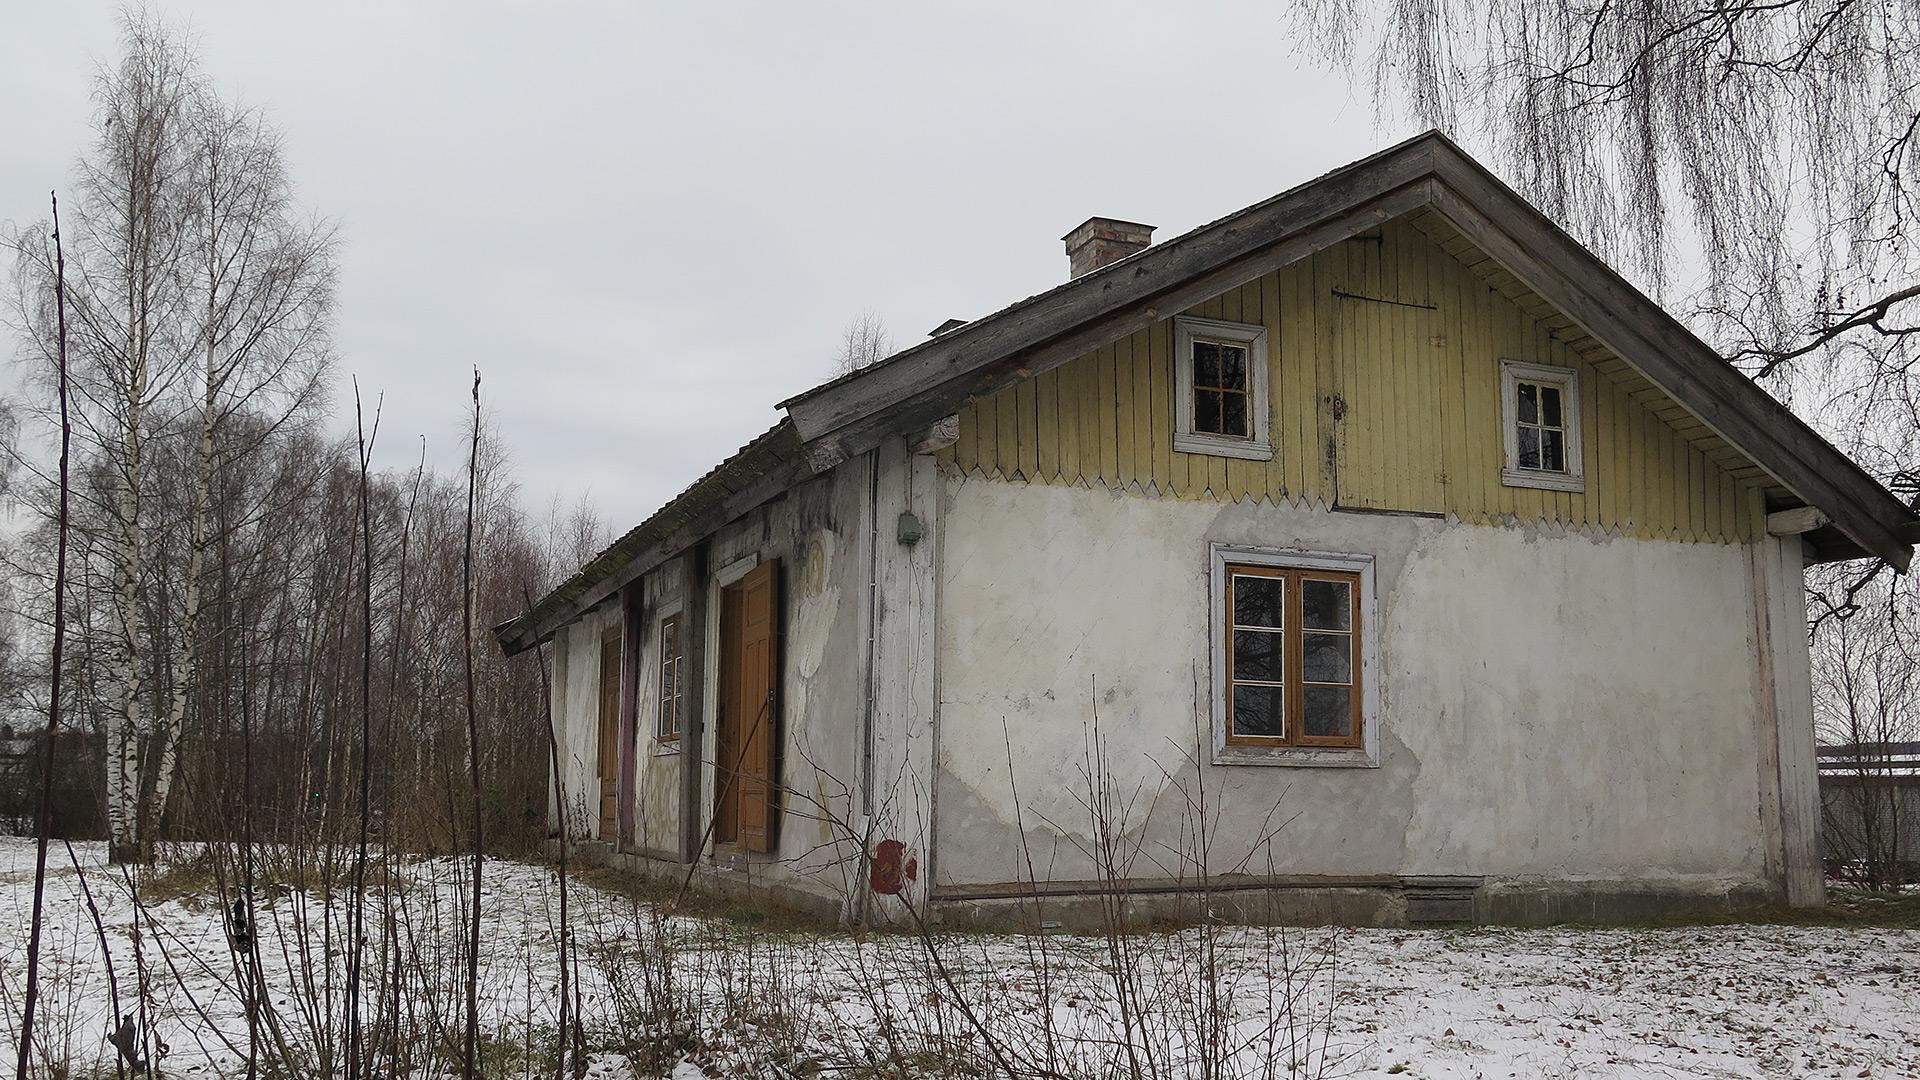 Tvestua er en viktig historieforteller om svundne tider i norsk landbruks- og bosettelseshistorie. Foto: Jorun Elisabet Aresvik Hals Riksantikvaren